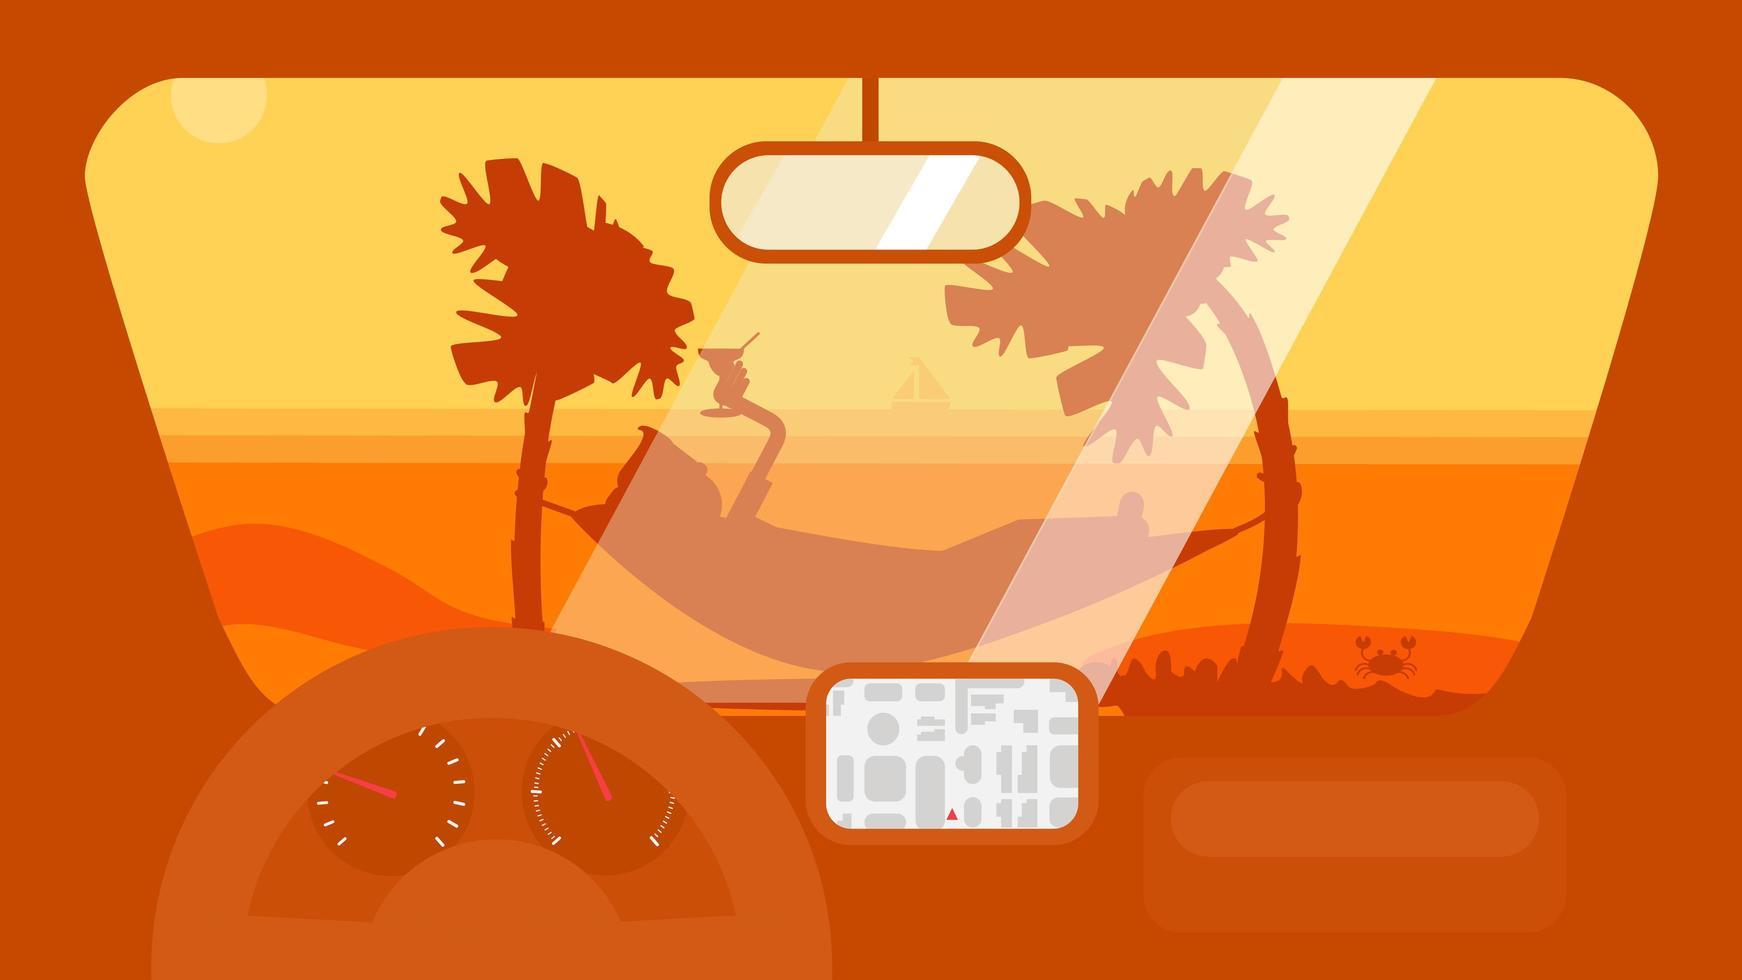 viagem de verão no carro vetor